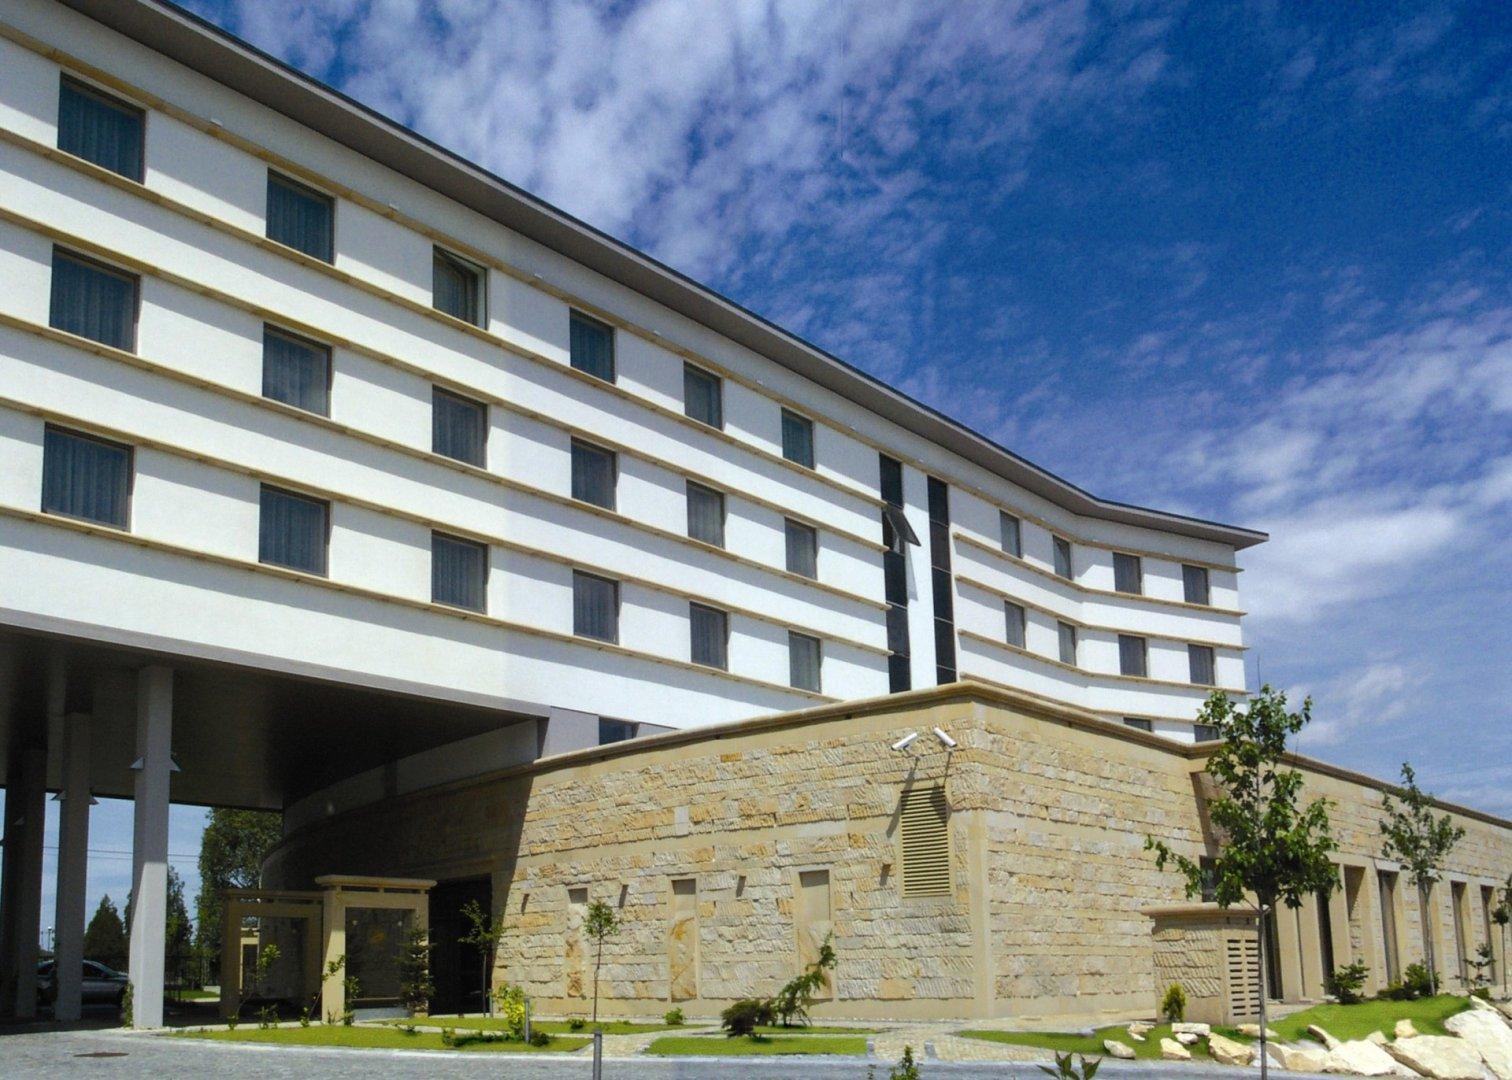 Sympozjum Hotel